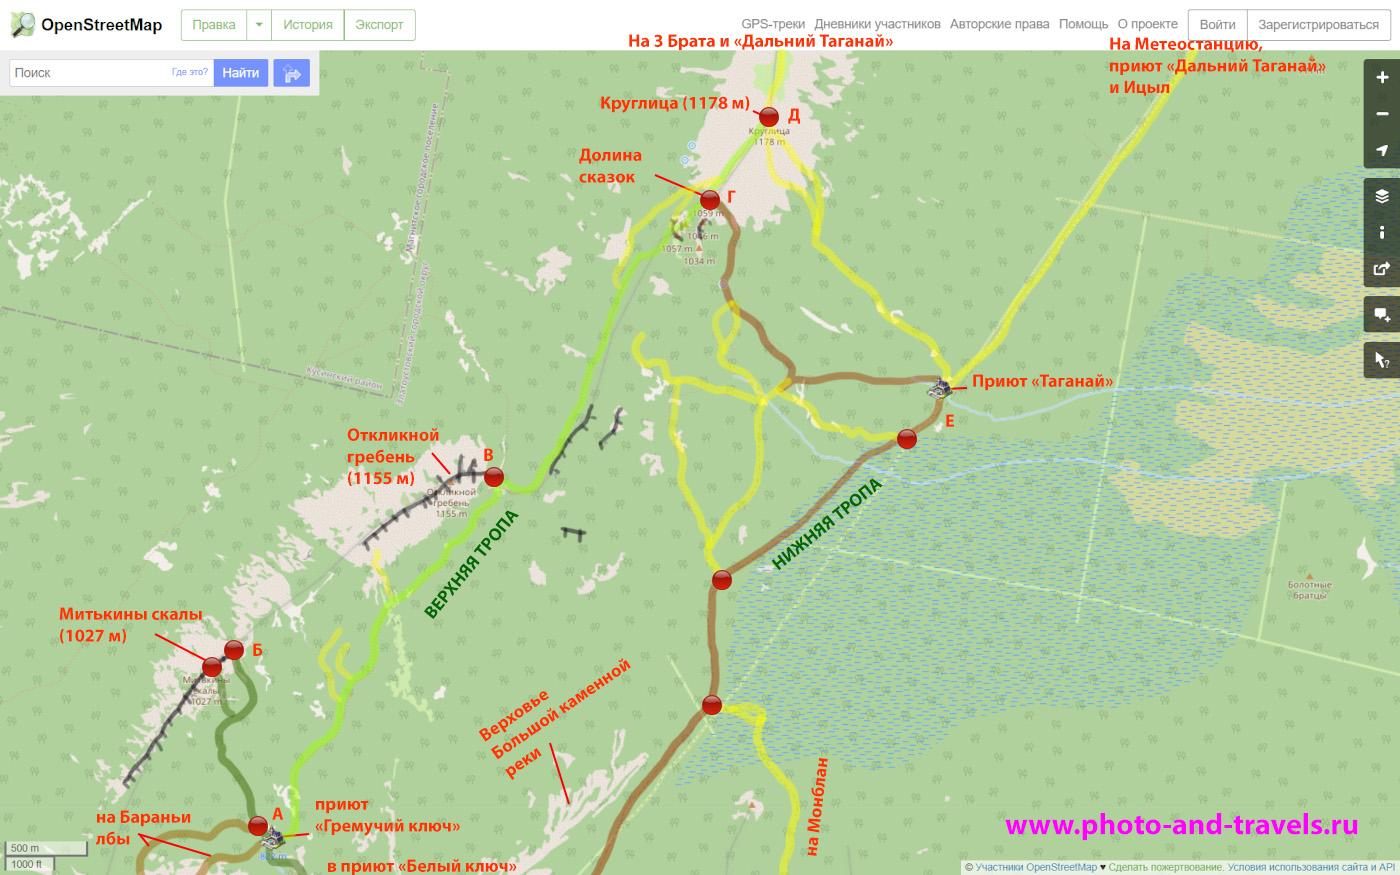 20. Карта маршрутов из приюта «Гремучий ключ» к Митькиным скалам, Откликному гребню, в Долину сказок и на вершину Круглицы, а также к северной вершине Двуглавой сопки, которая называется Бараньи лбы.